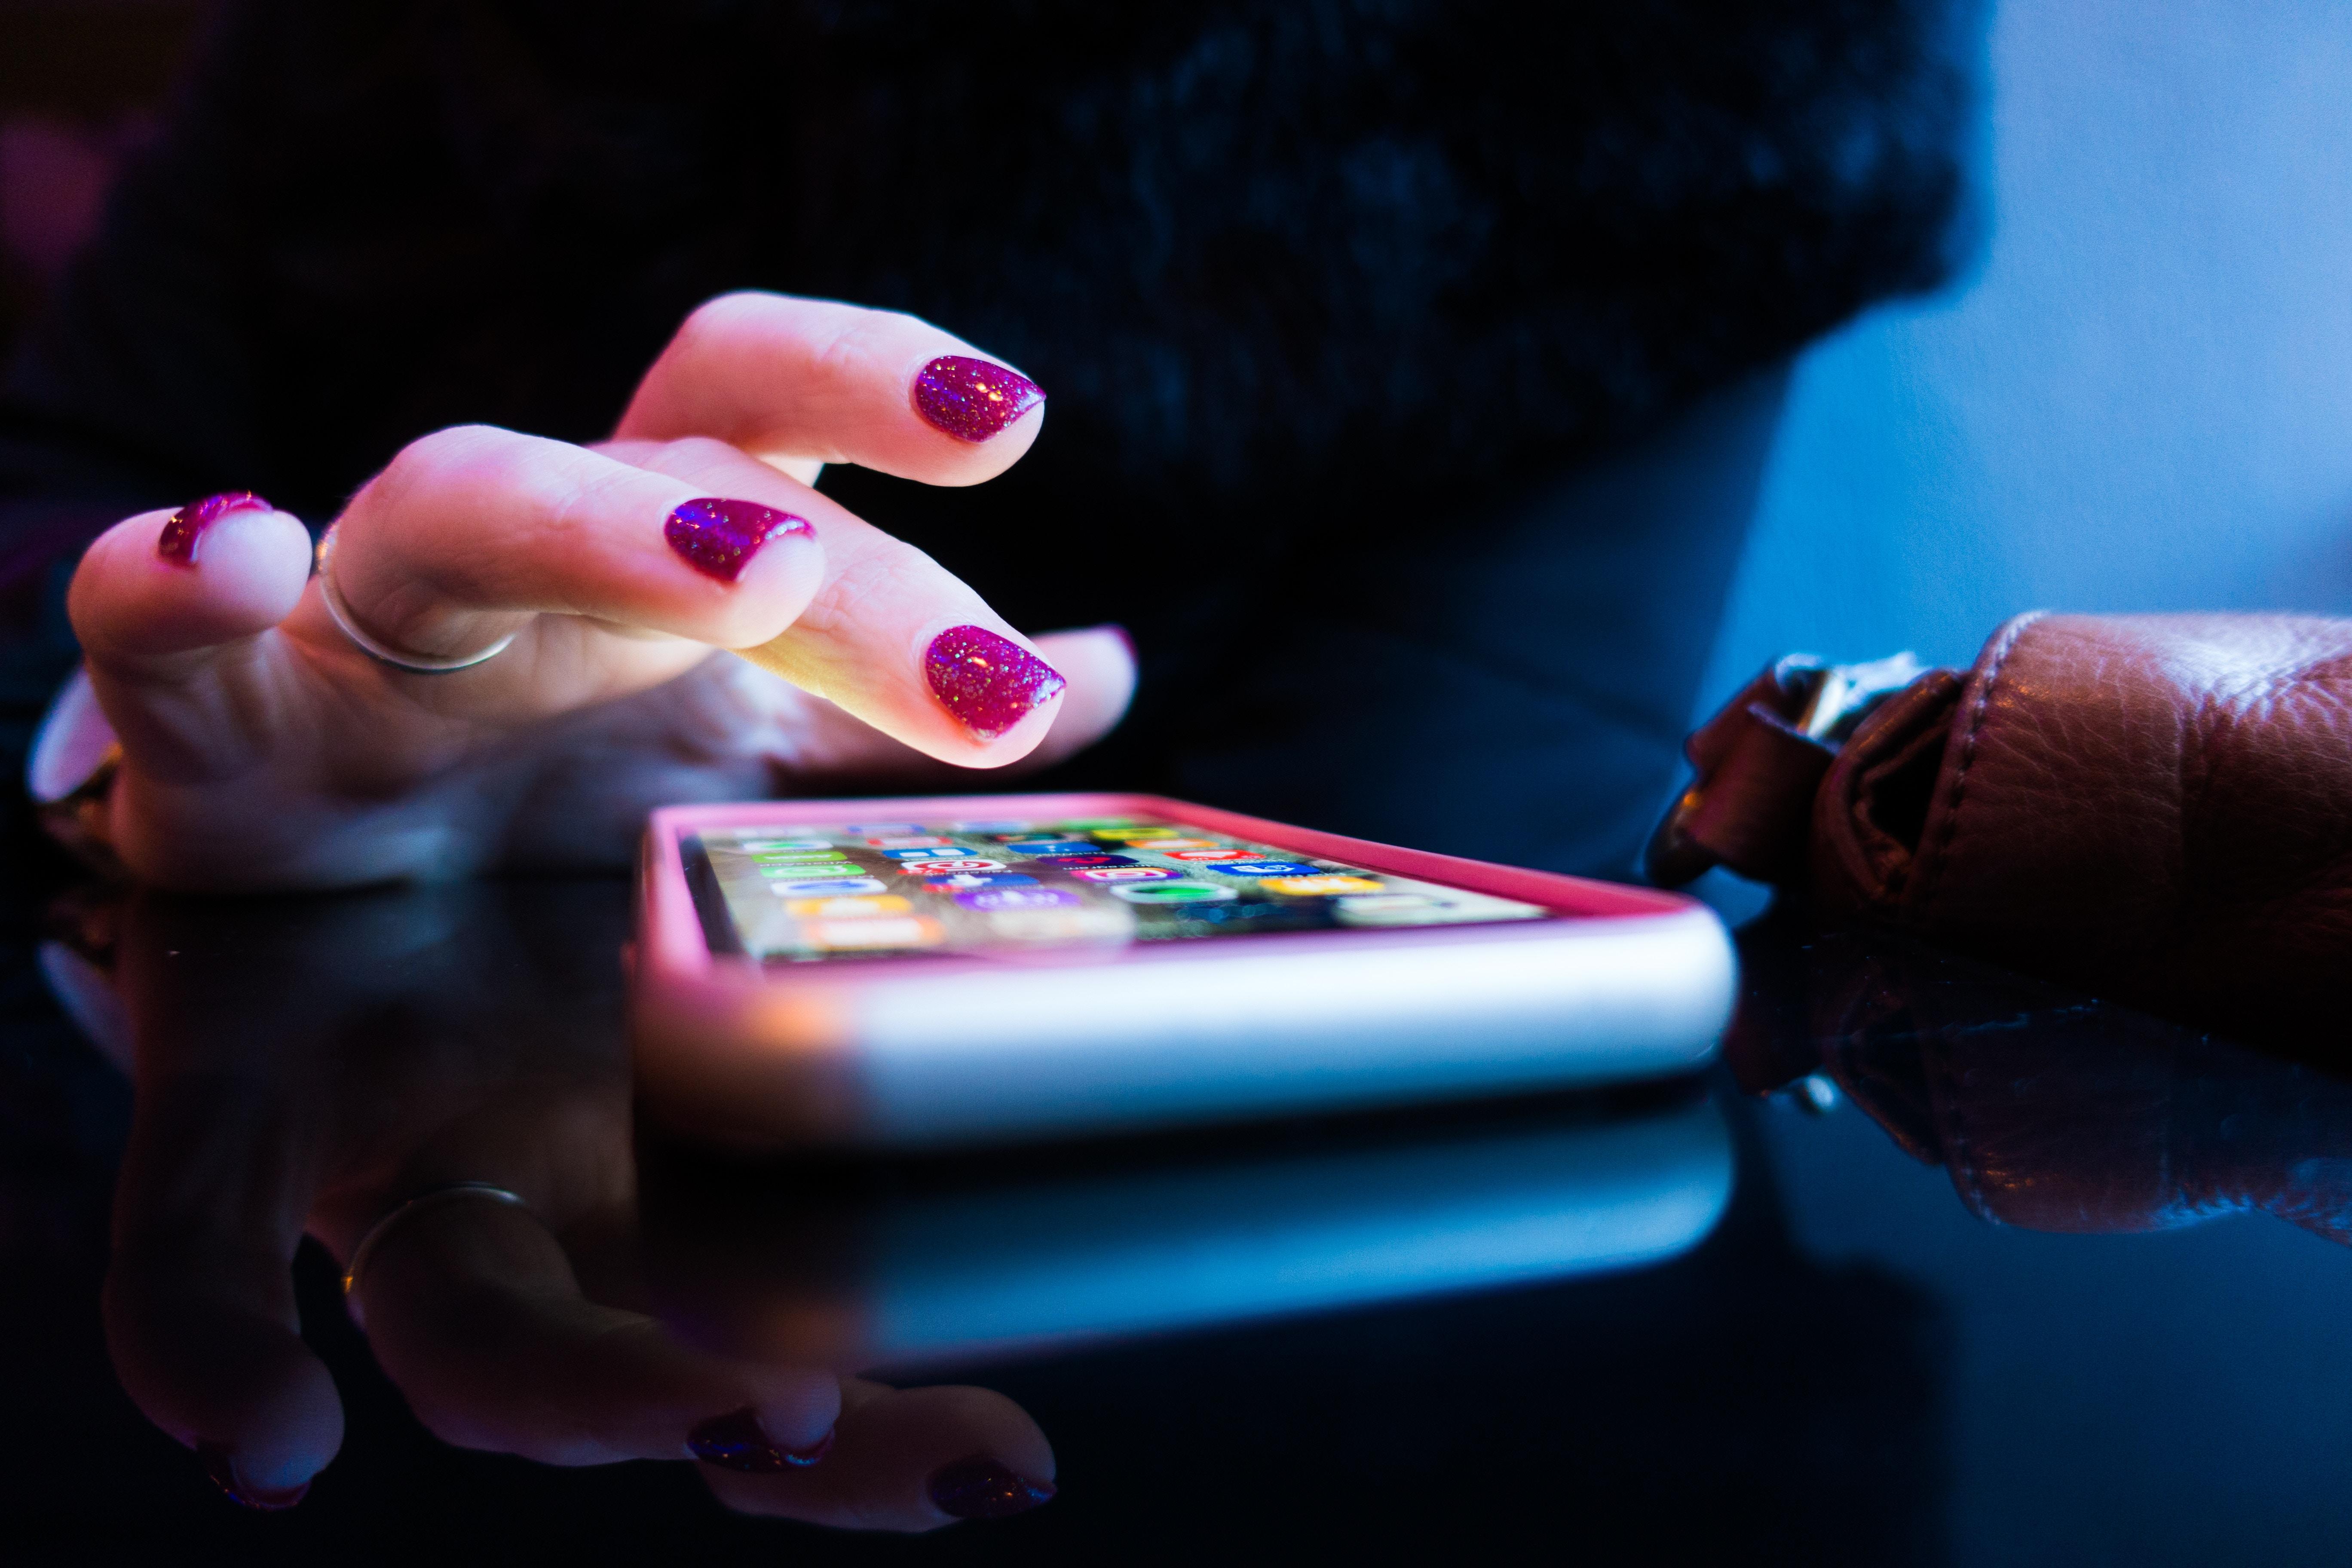 Czy tytanowe paznokcie faktycznie są lepsze od starej, dobrej hybrydy?